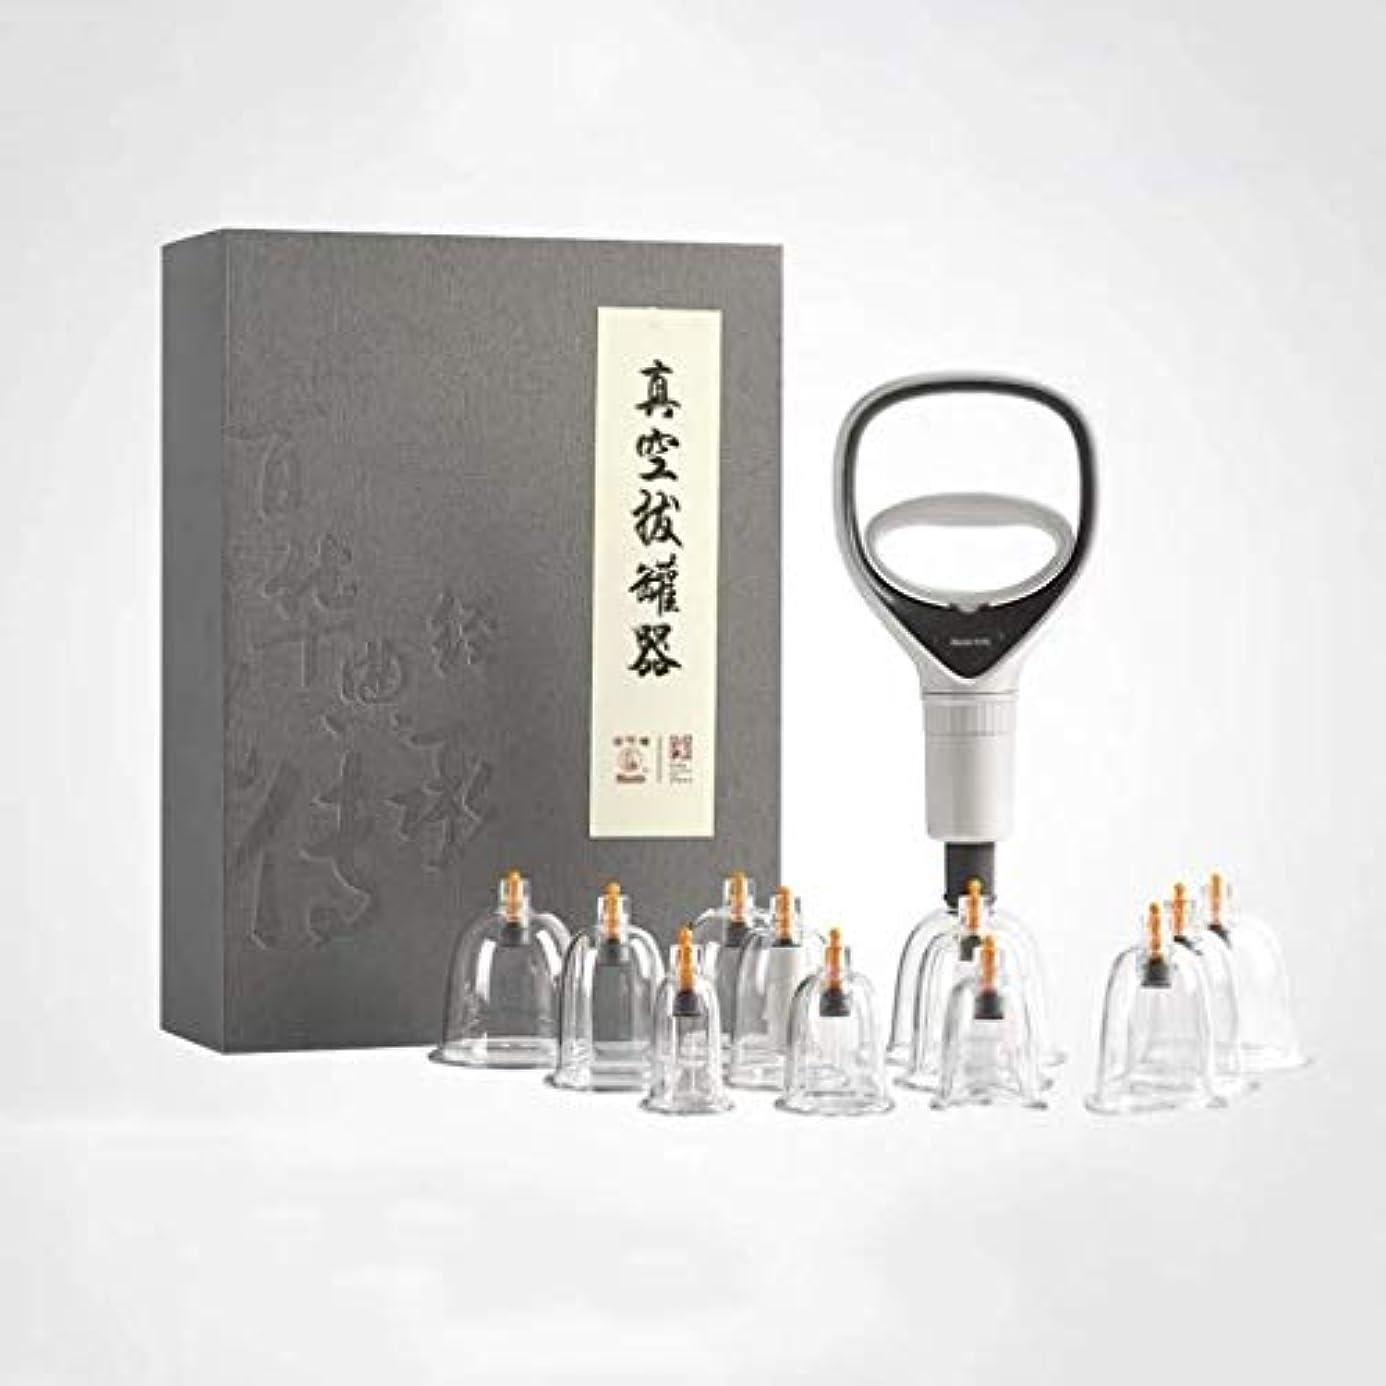 新しさ粘液不健全カッピングセットのプロフェッショナル中国のツボカッピング療法カッピングセットのマッサージキットを設定します。